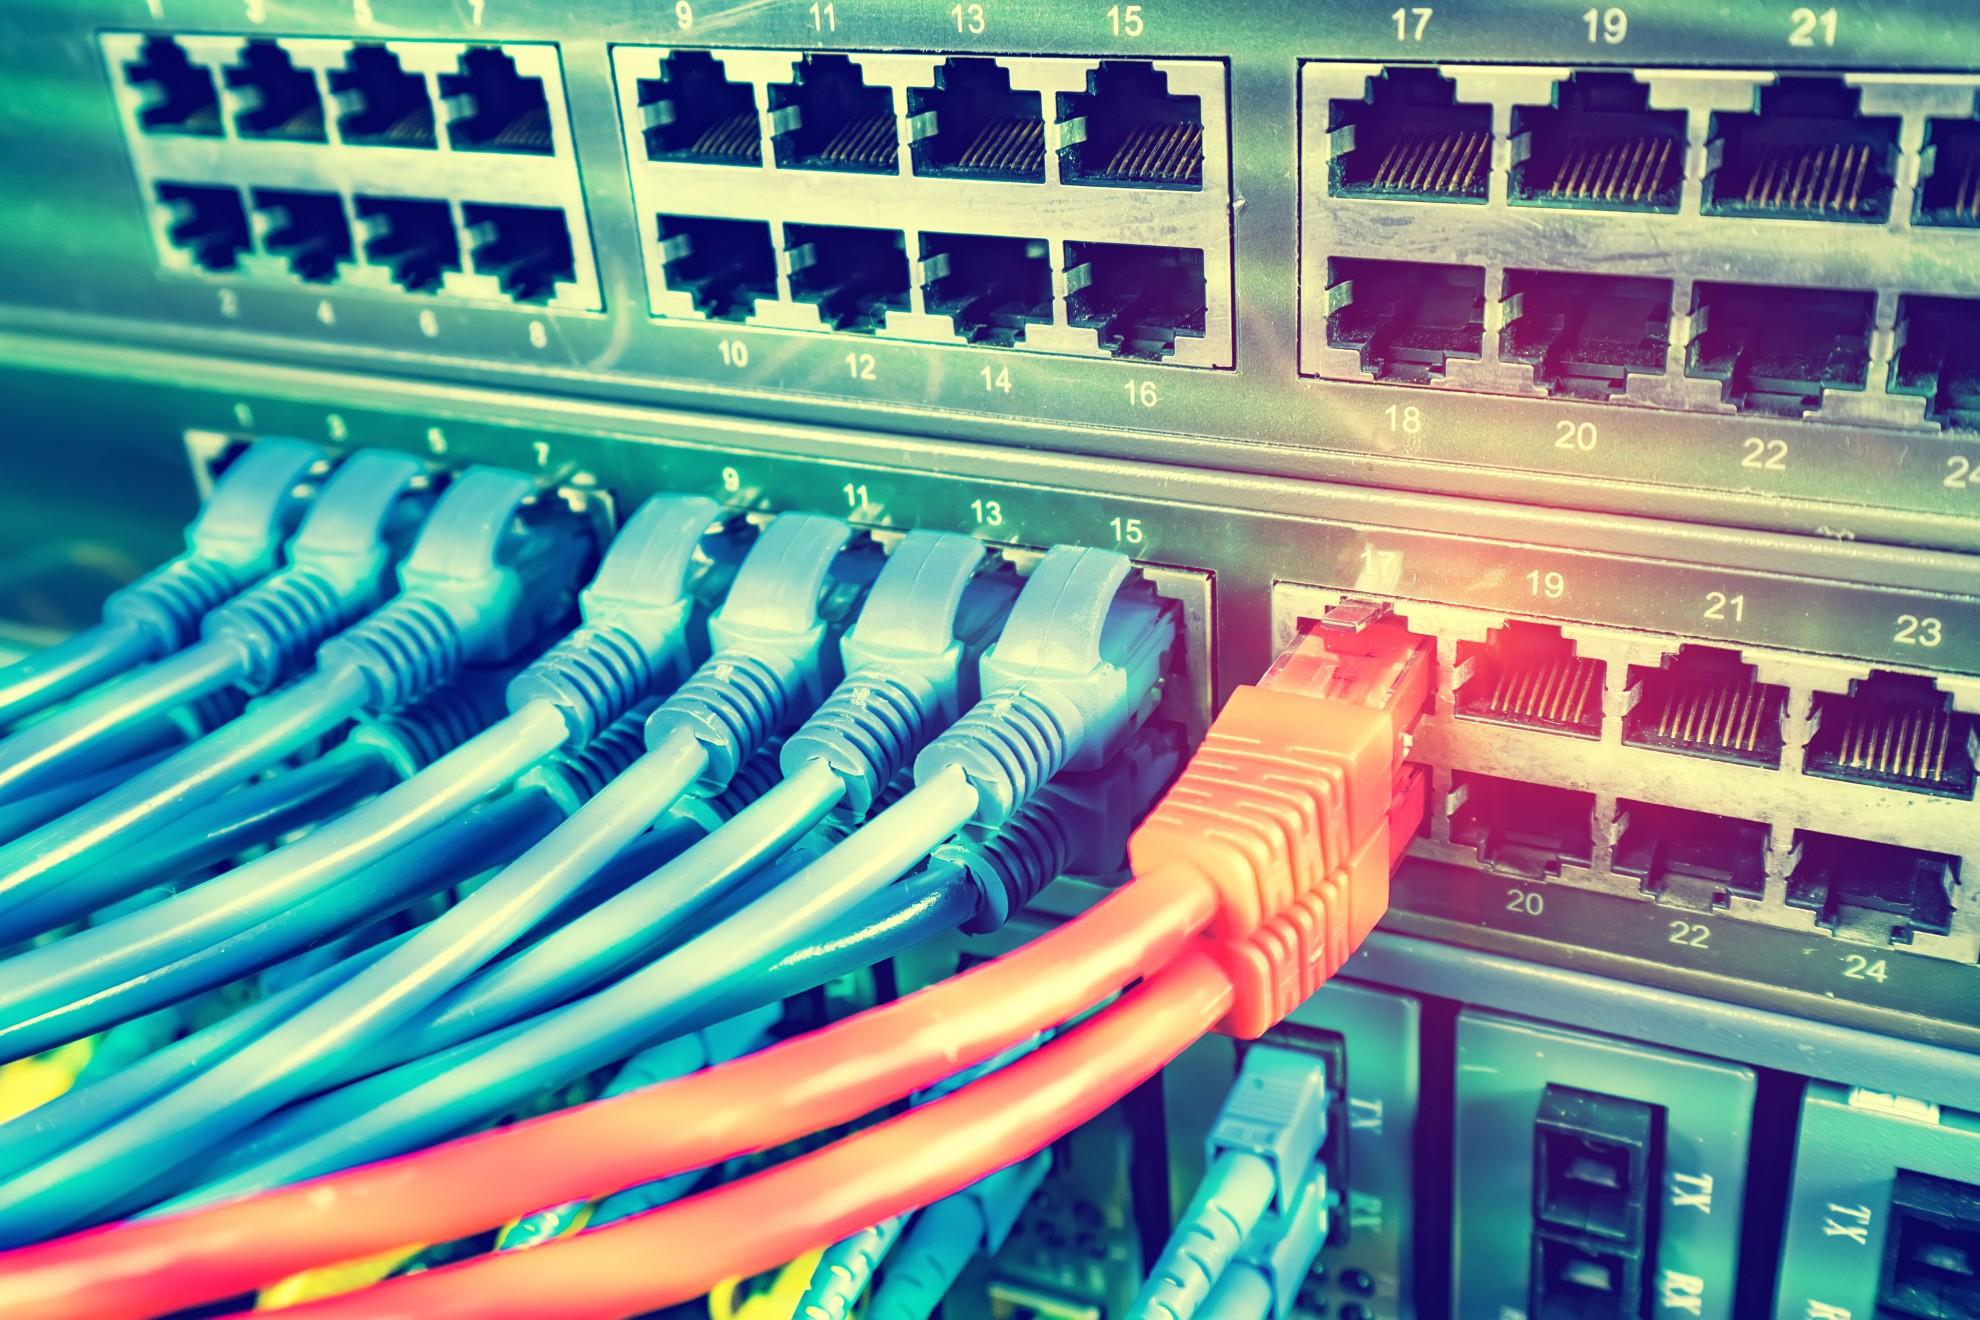 verschiedene Kabel stecken in einem Server